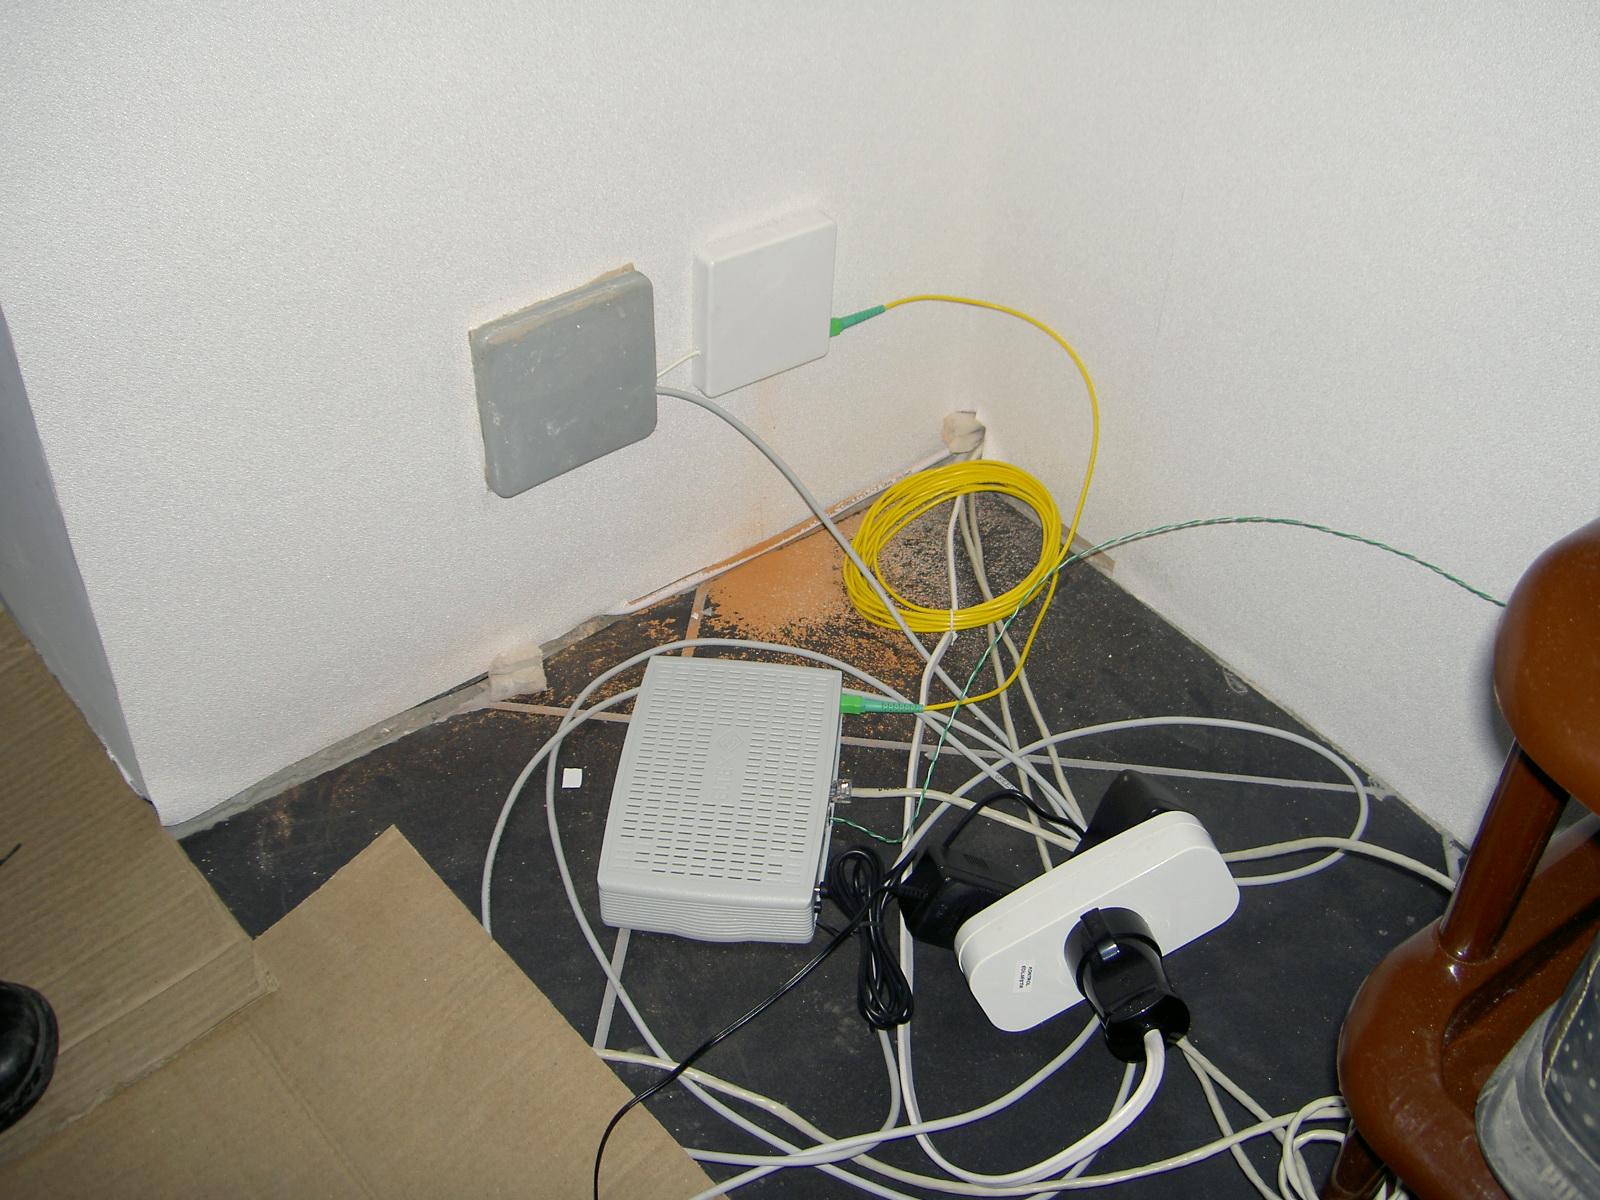 схема работы интернет через розетку